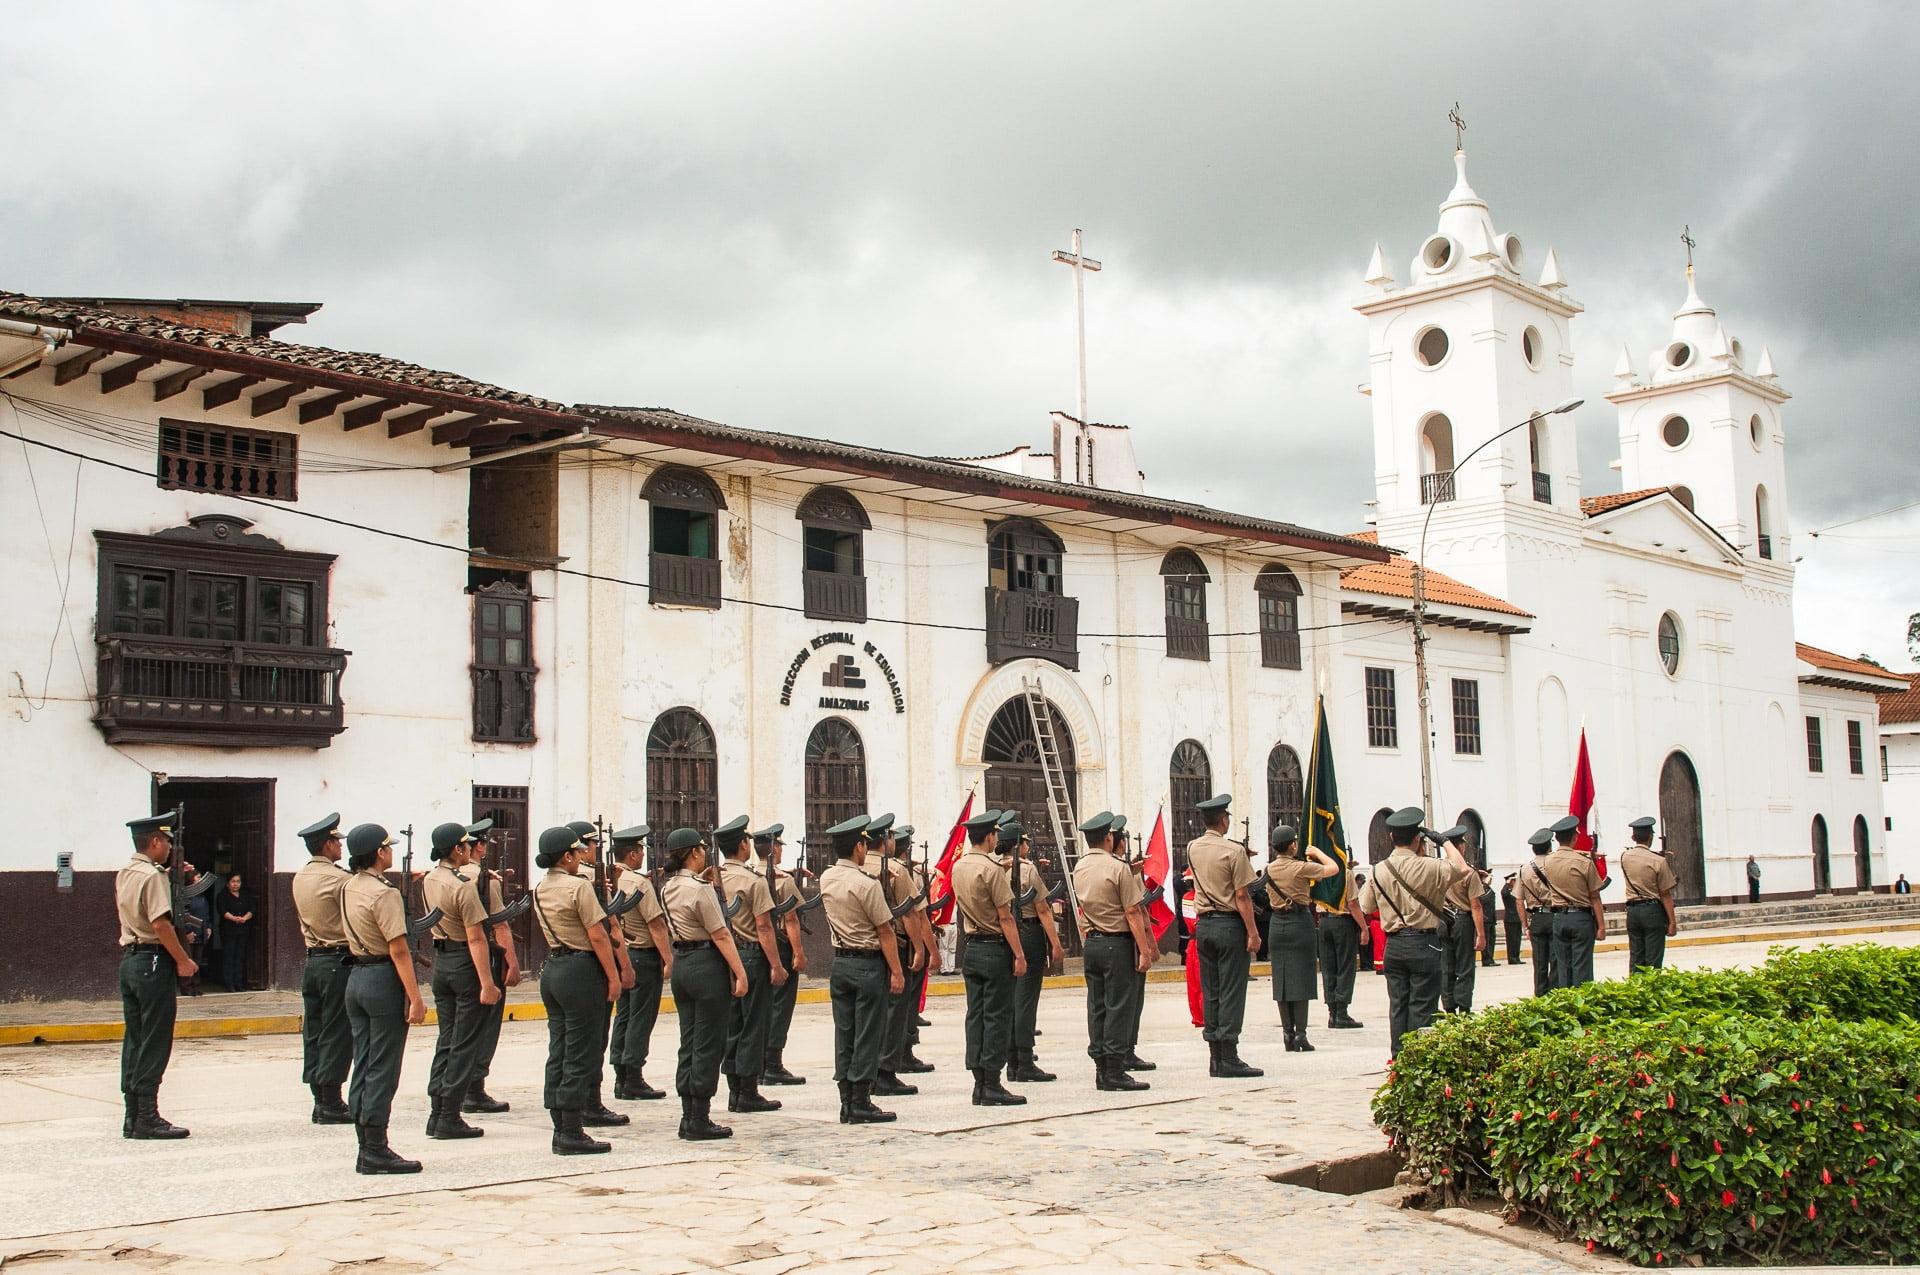 chachapoyas ceremonie patriotique - Les globe blogueurs - blog voyage nature